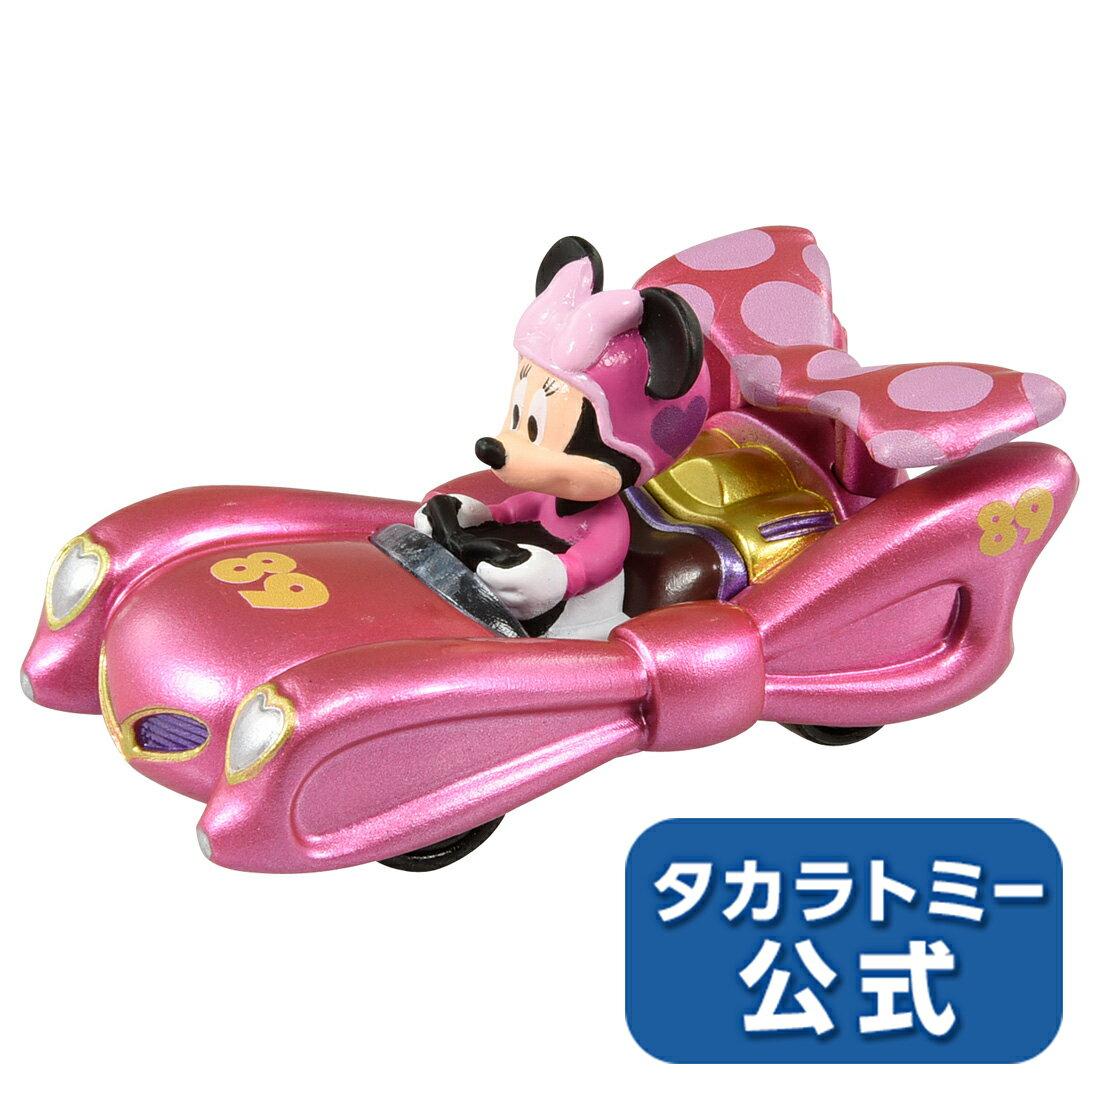 ミッキーマウスとロードレーサーズ トミカ MRR-05 ピンク・サンダー ミニーマウス【Disney_d】